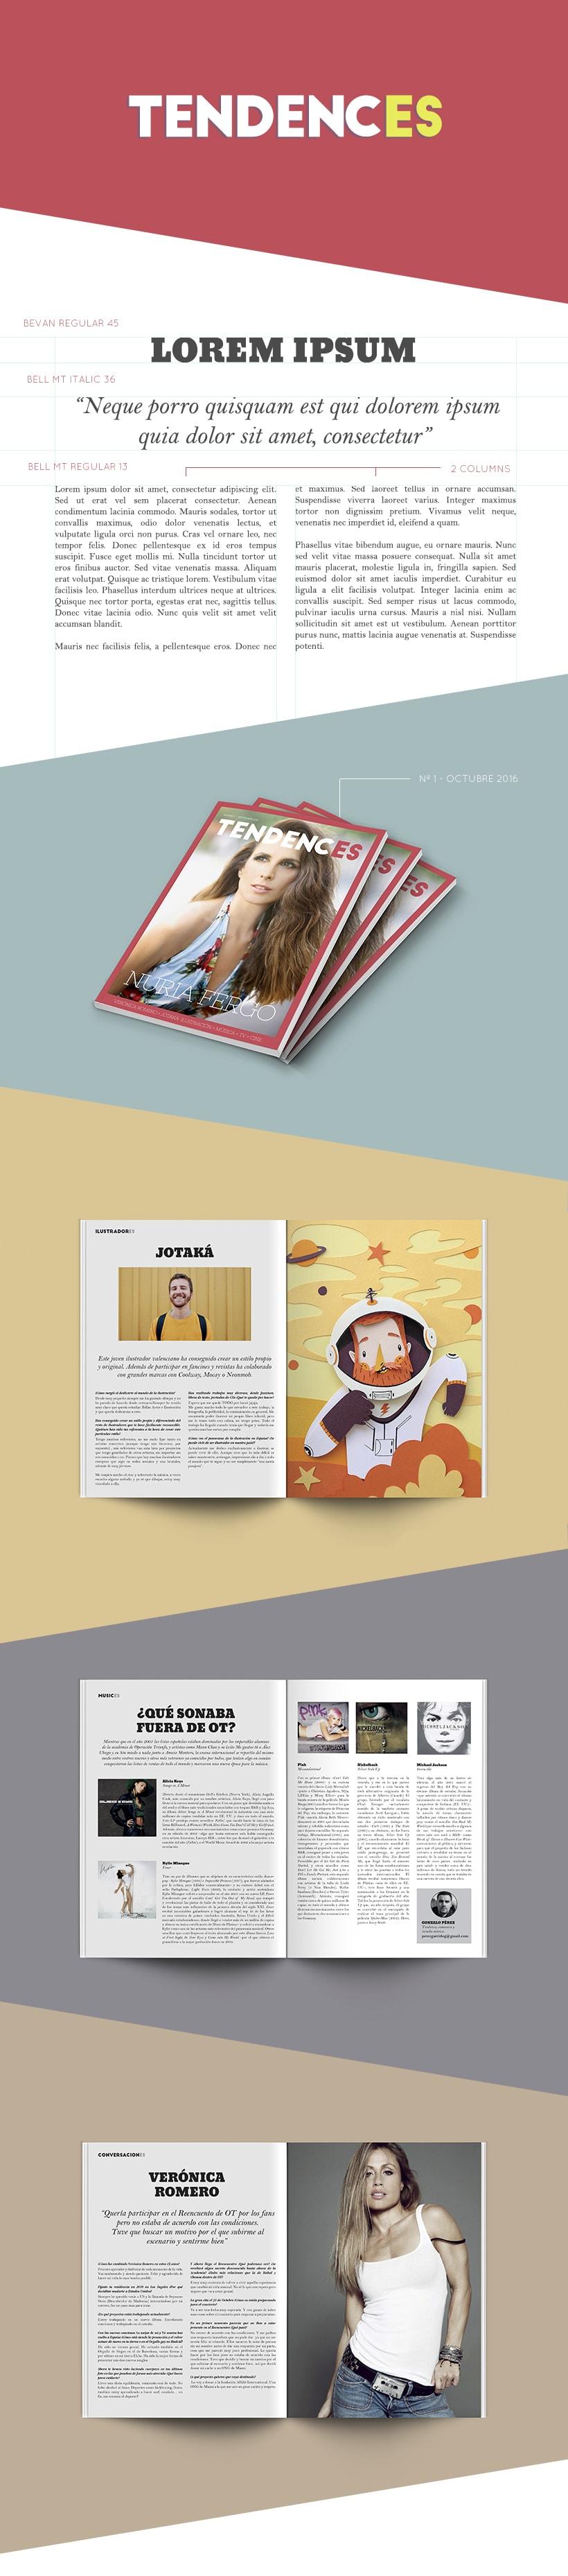 Tendences Magazine - Diseño y maquetación 0